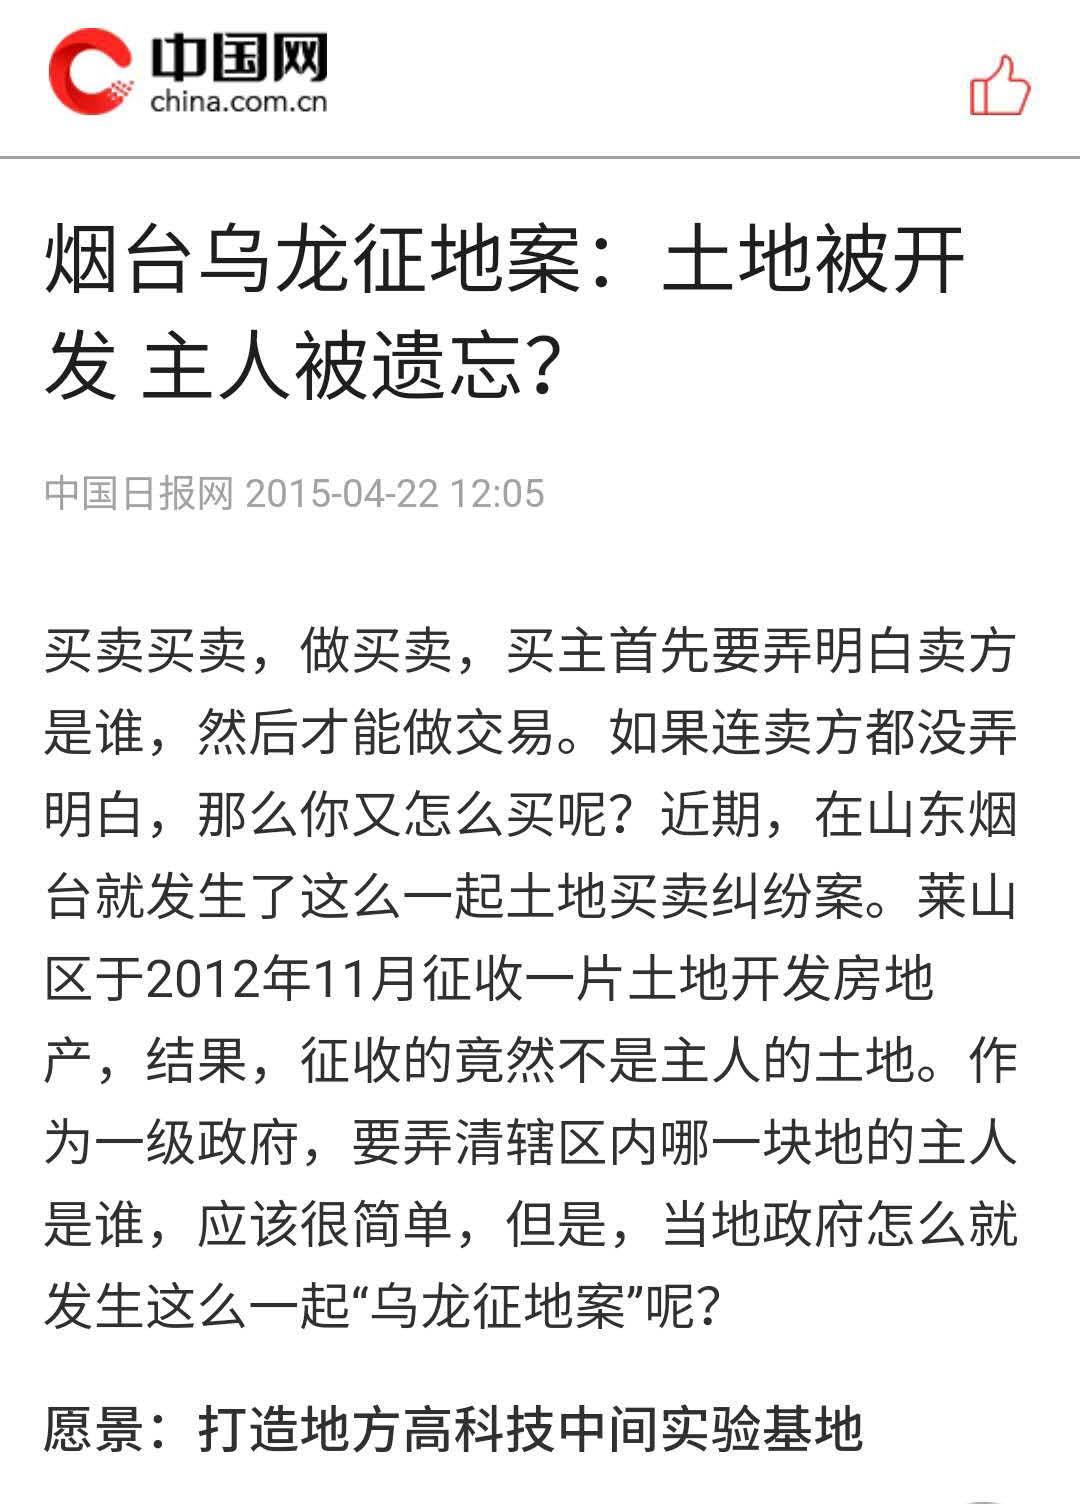 山东司法助国企强占民营科技园,致主体诉权丧失,矛盾加剧